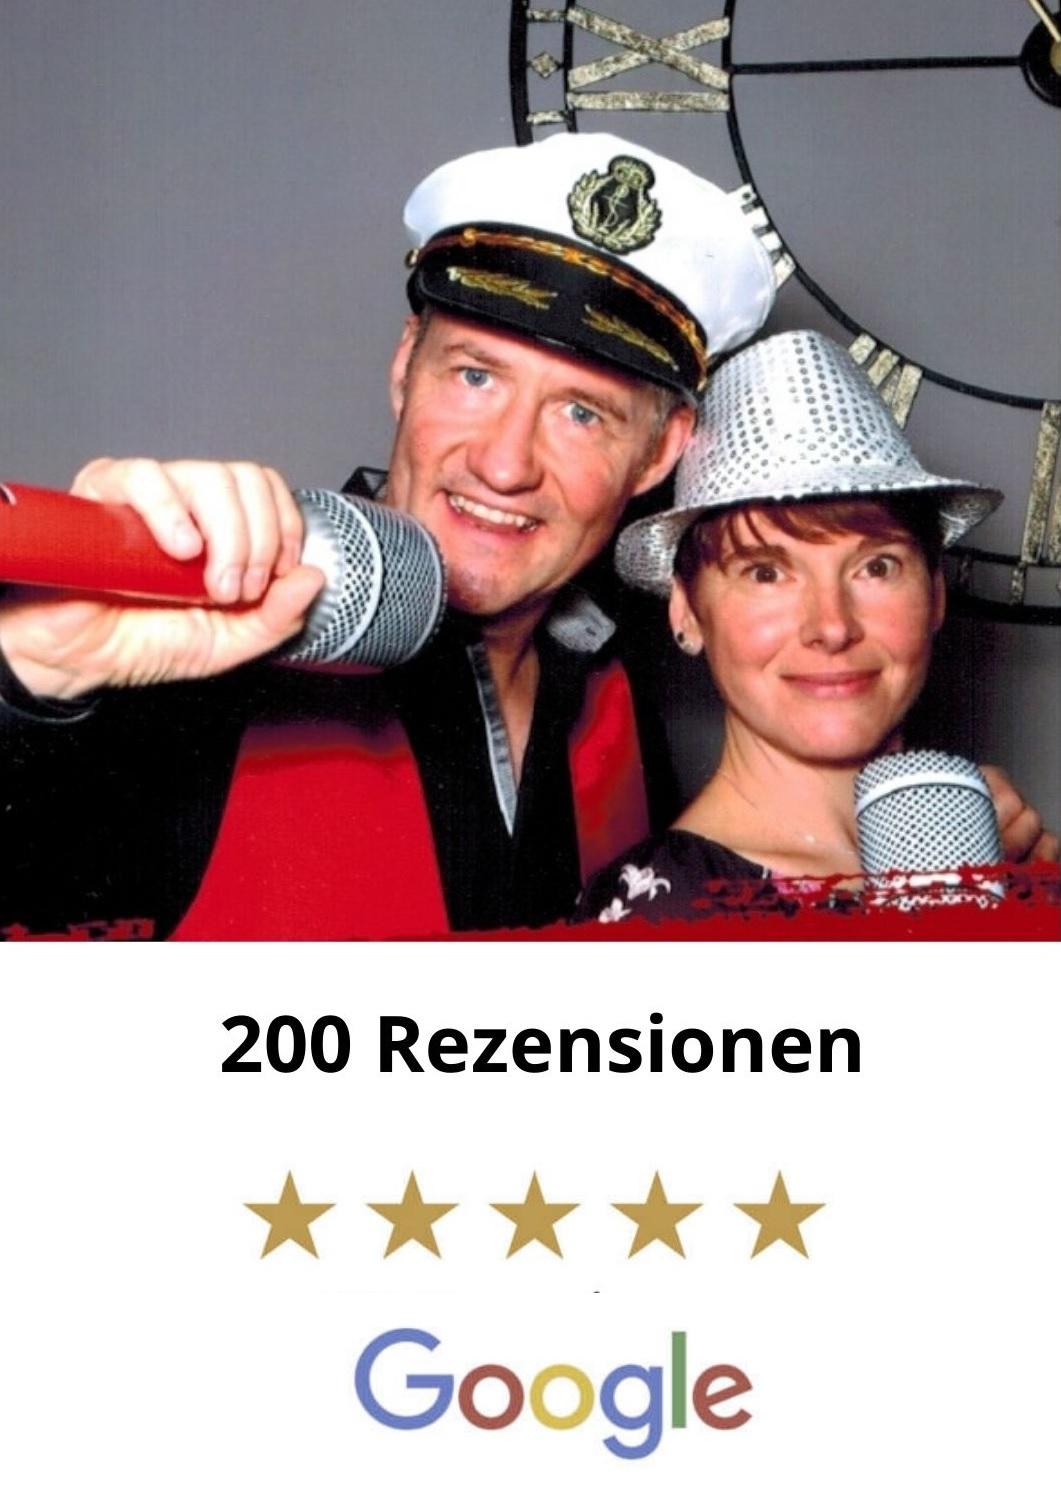 Virtuelle und digitale Zaubershow mit Zoom, virtueller Zauberer für Firmenevent - Digitales Entertainment. Online Zaubershow – Magie im Livestream - Zoom Show – virtuelle Zaubershow zur Weihnachtsfeier. Zaubershow online – Livestream mit Zoom Zauberer..